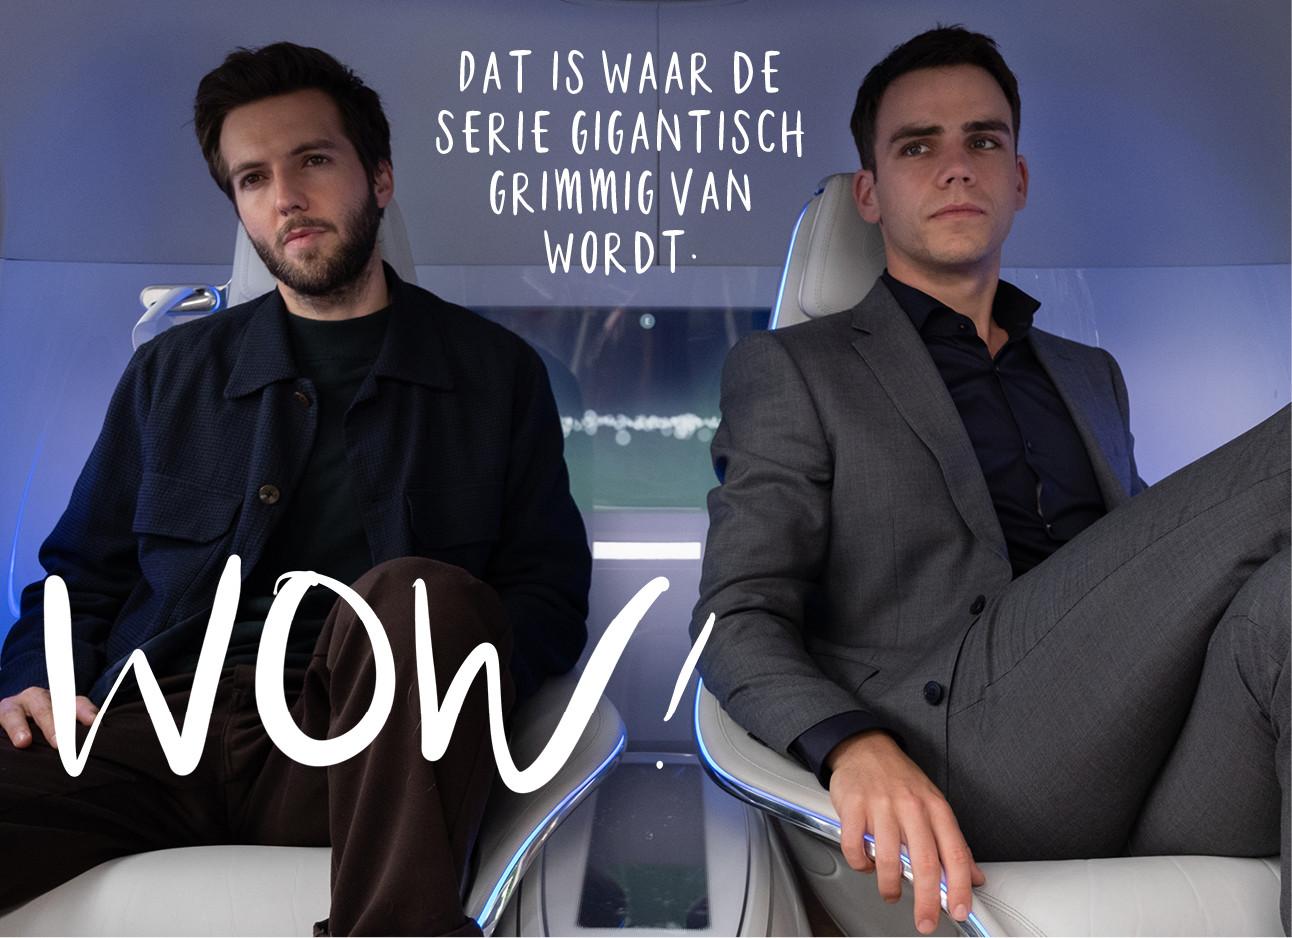 2 heren die in een donker auto zitten, ze dragen beide paken en zitten in witte stoelen